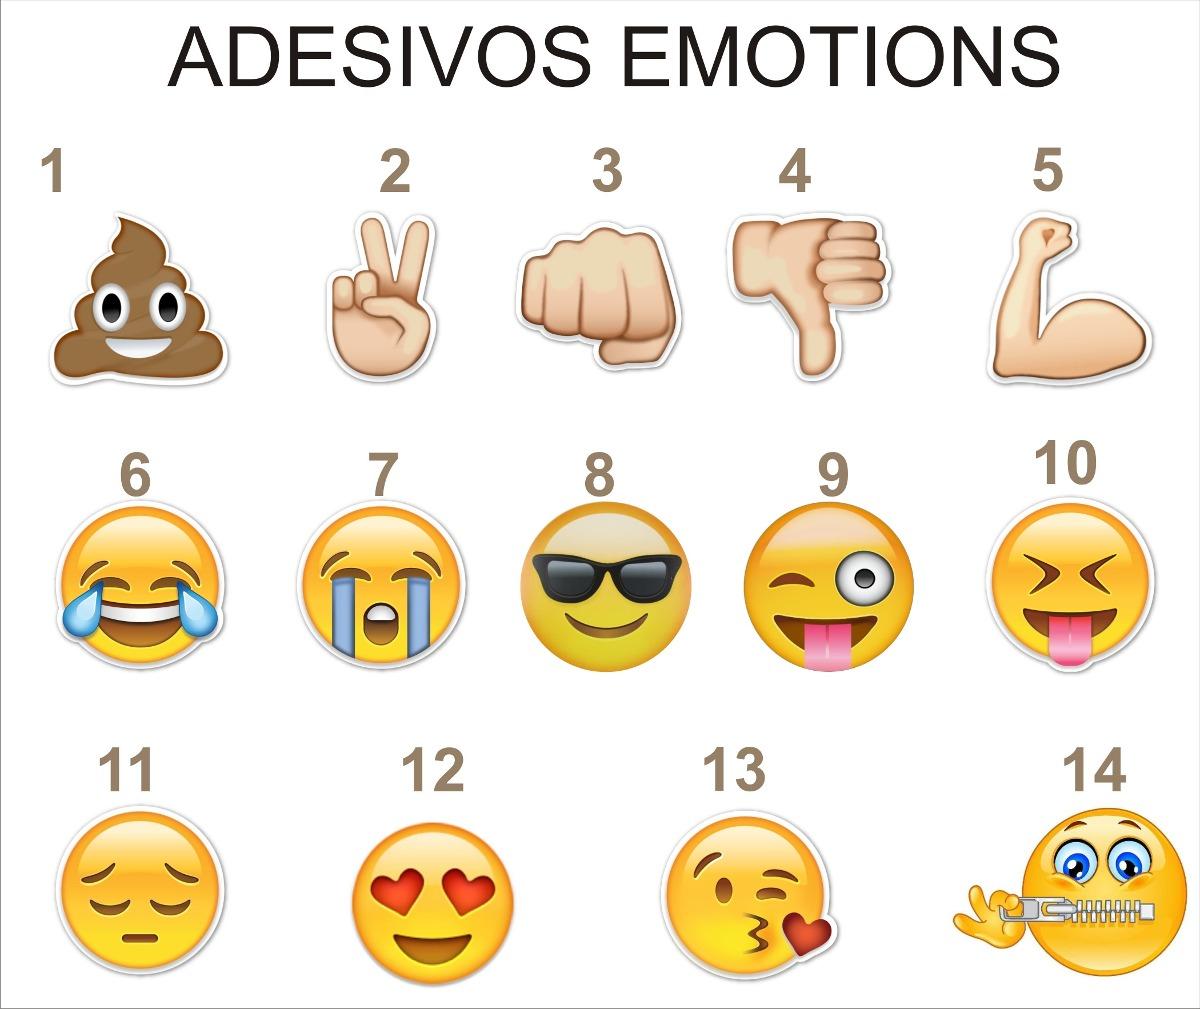 Adesivo Emotions Emojis Frete Grátis R$ 4,99 em Mercado Livre